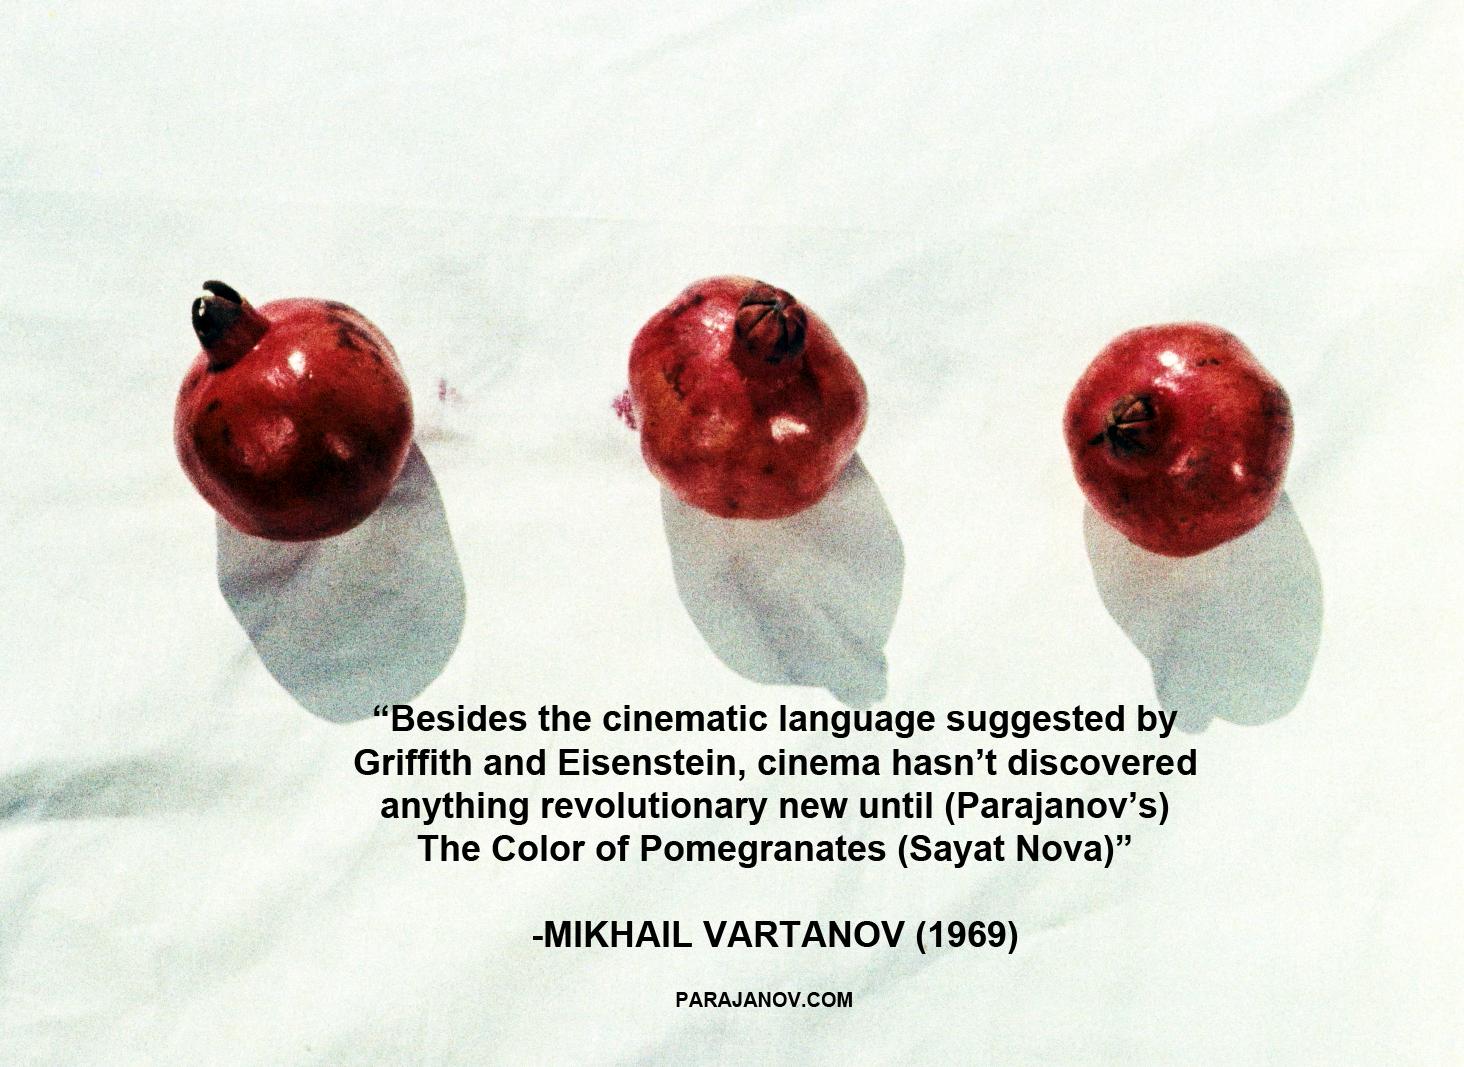 parajanov_restored_pomegranates_vartanov